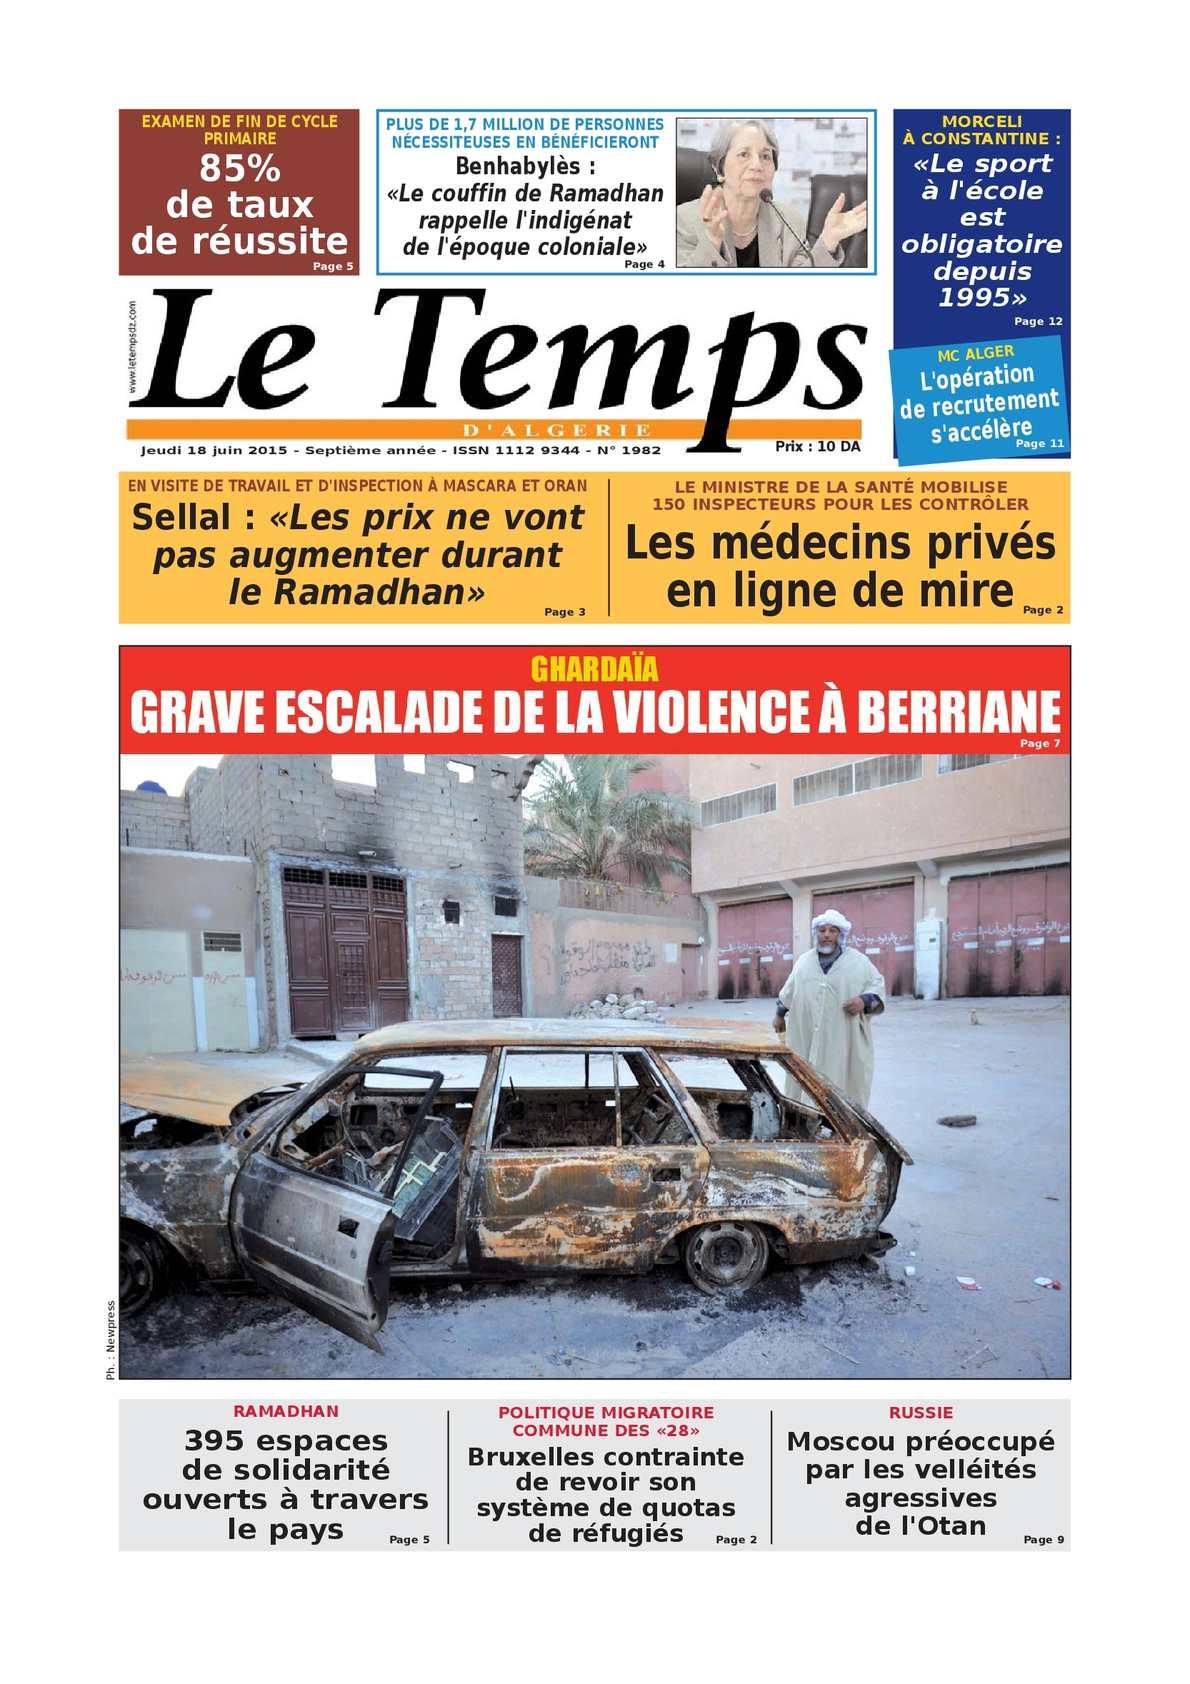 Calam o le temps d 39 alg rie edition du jeudi 18 juin 2015 for Le divan 9 juin 2015